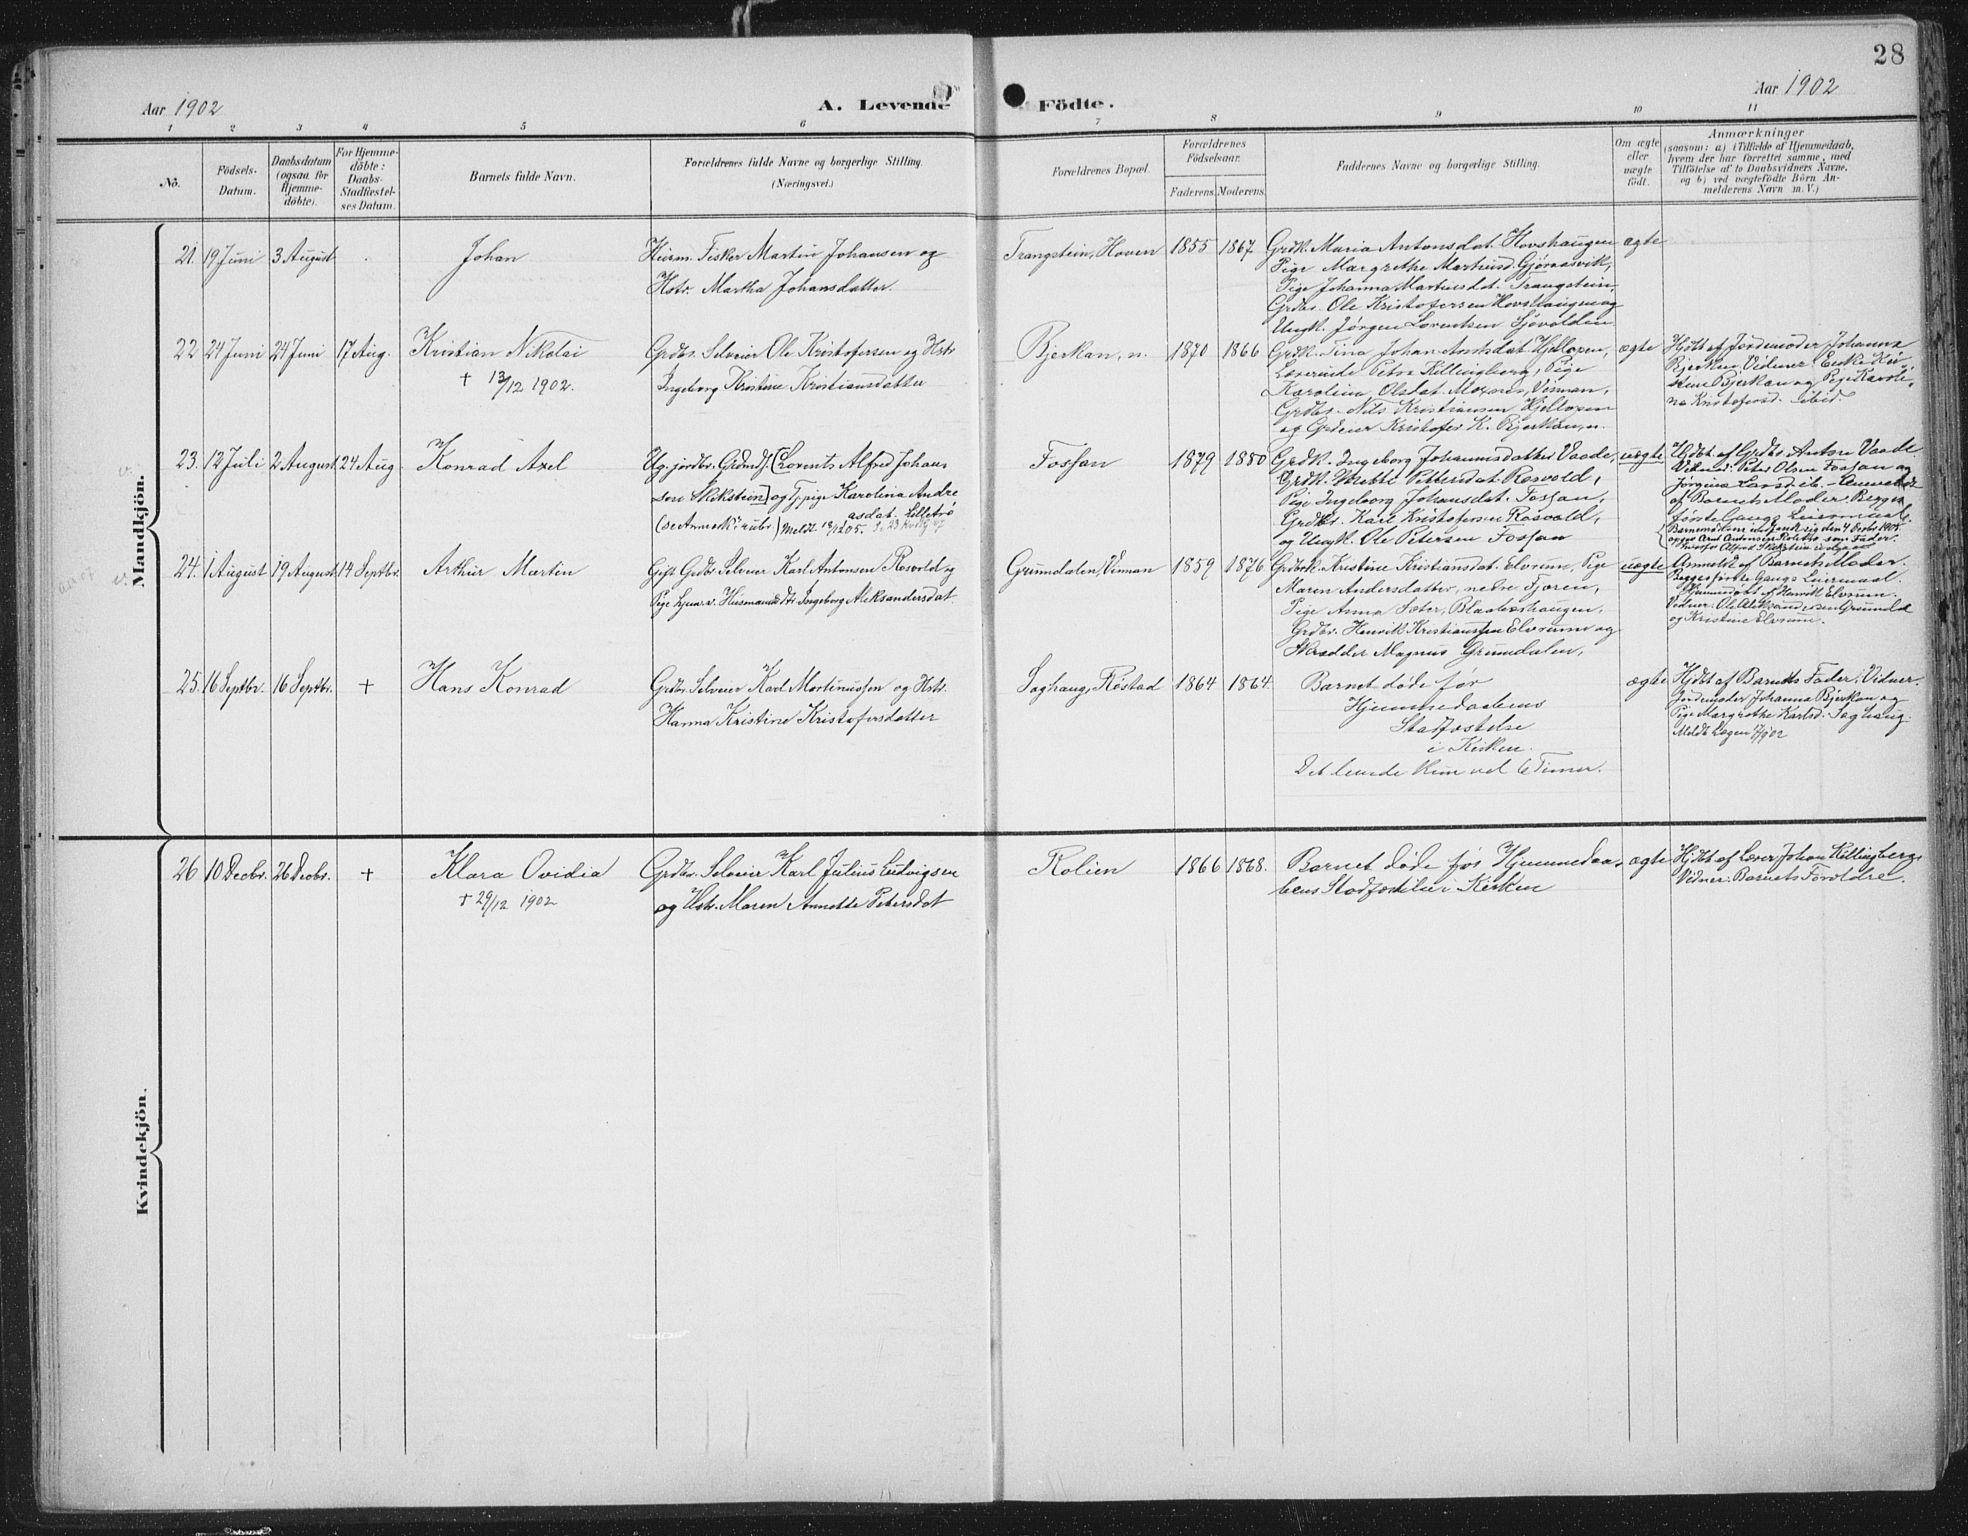 SAT, Ministerialprotokoller, klokkerbøker og fødselsregistre - Nord-Trøndelag, 701/L0011: Ministerialbok nr. 701A11, 1899-1915, s. 28